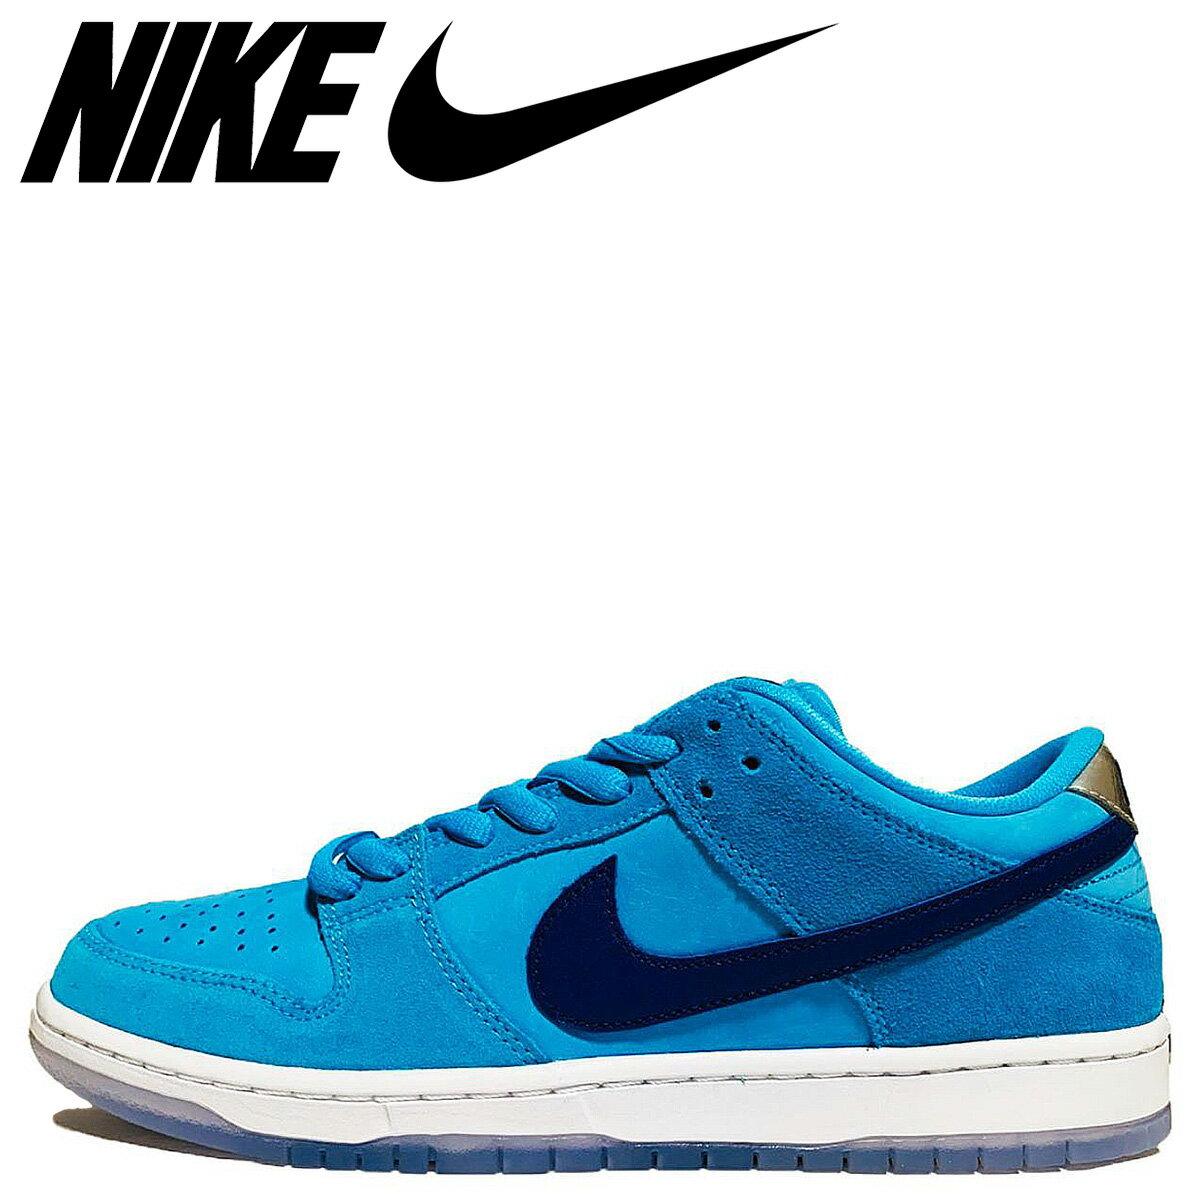 メンズ靴, スニーカー NIKE SB DUNK LOW PRO BQ6817-400 zzi